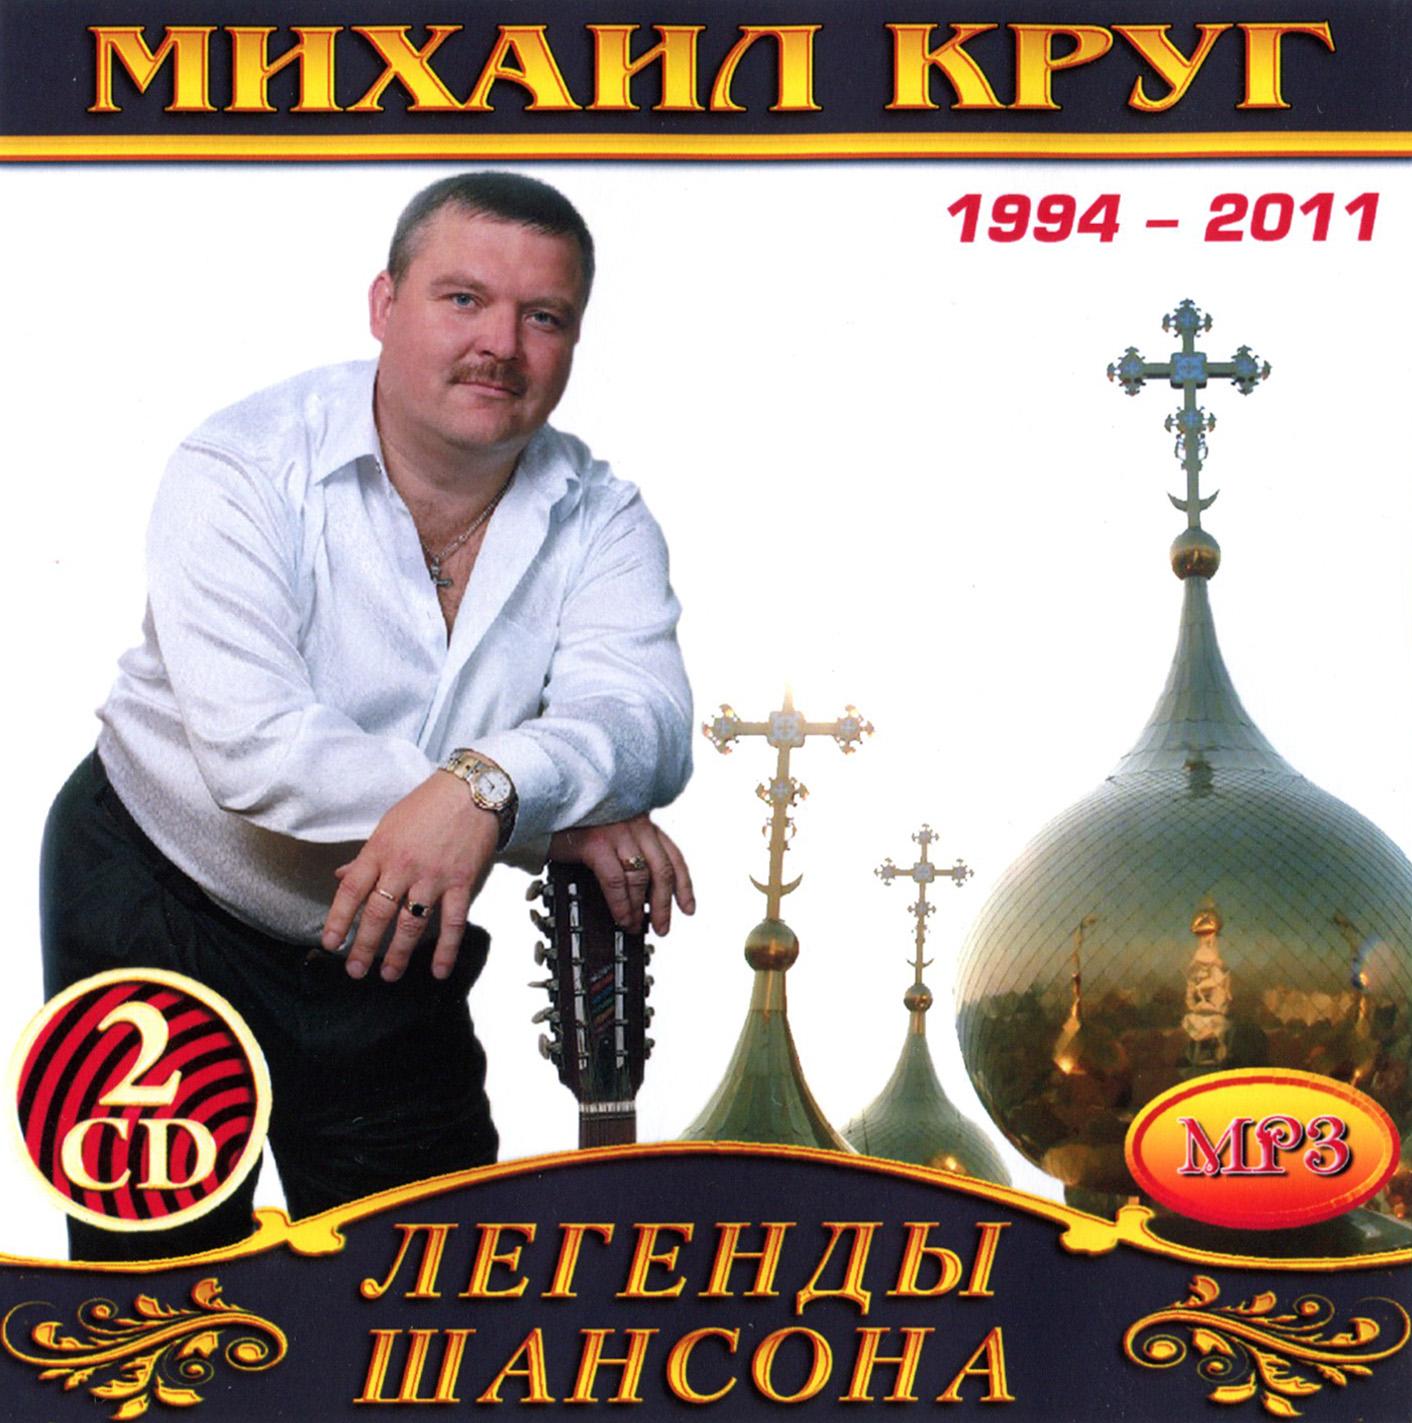 Михаил Круг 2cd [mp3]